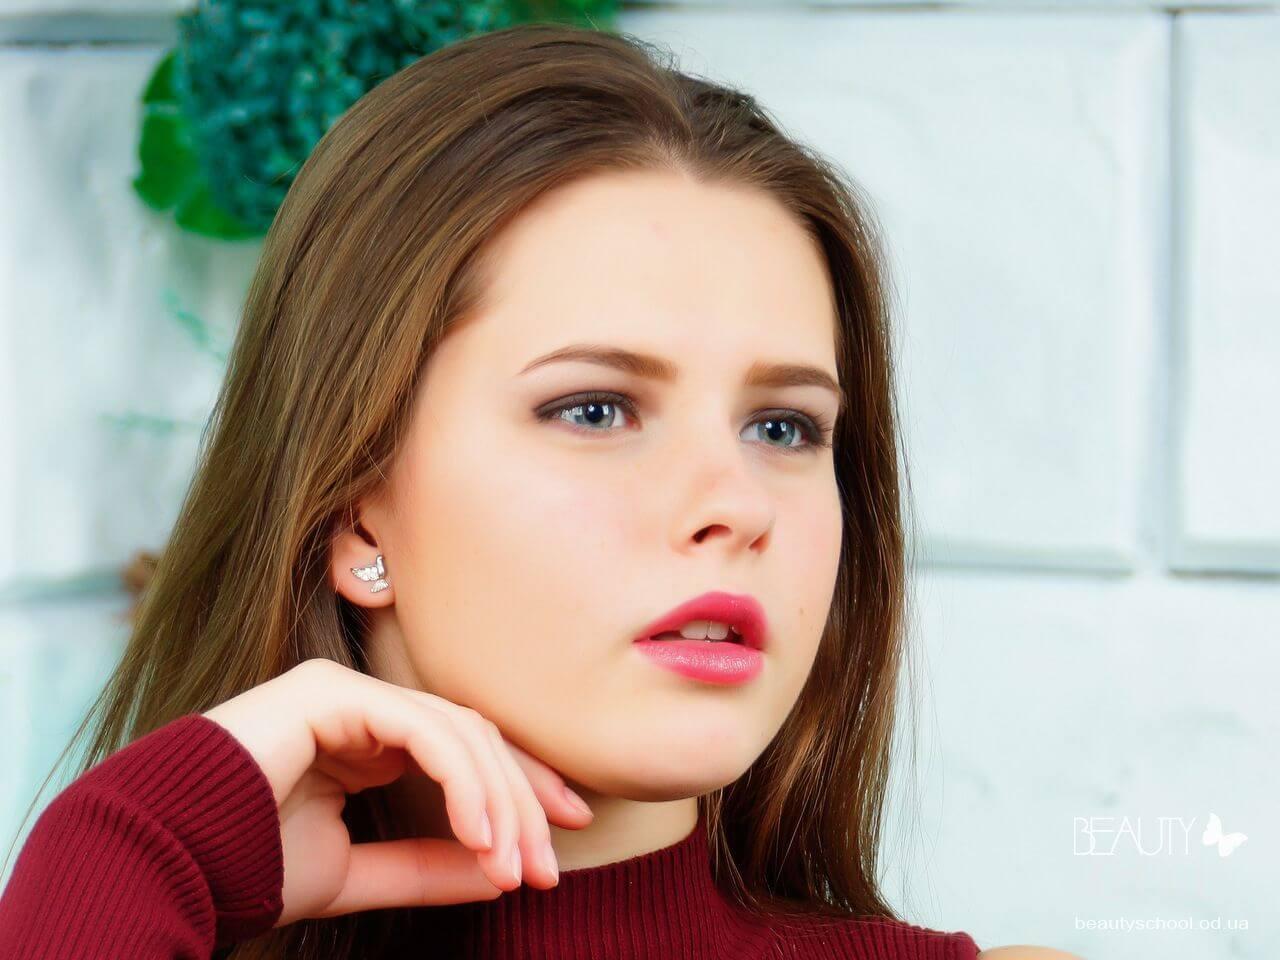 Обучение макияжу Beauty School #7